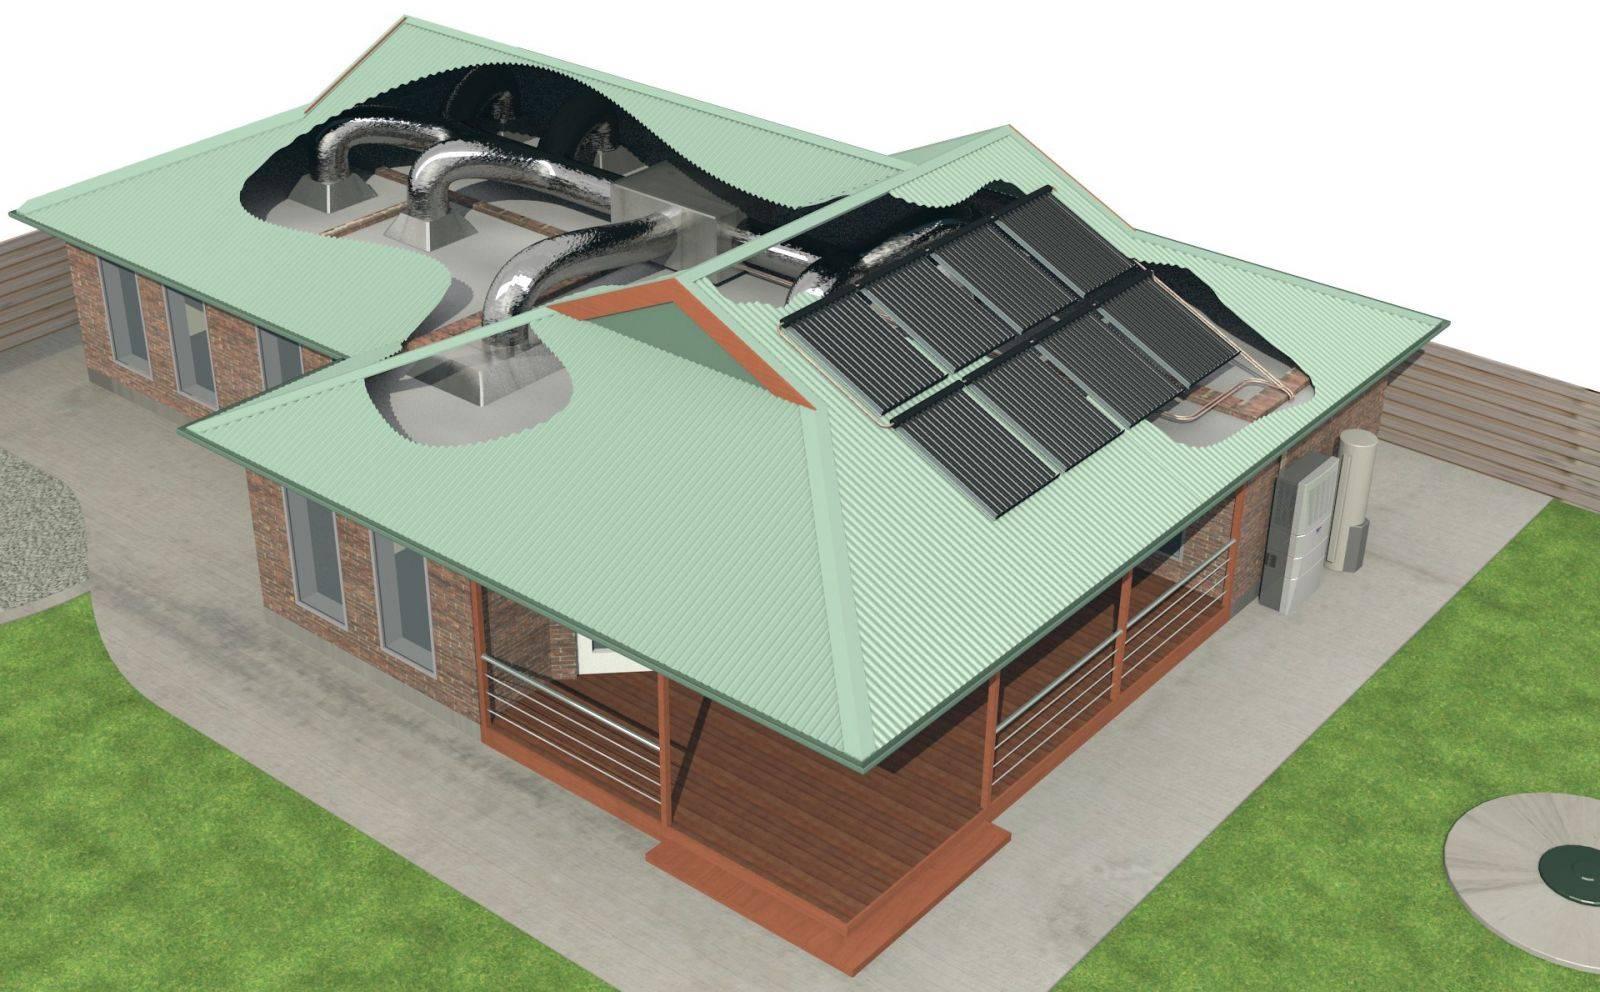 Отопление дома без газа и электричества: энергосберегающее, альтернативное отопление частного дома или дачи без труб котлов и батарей, как отопить, обогреть дом своими руками